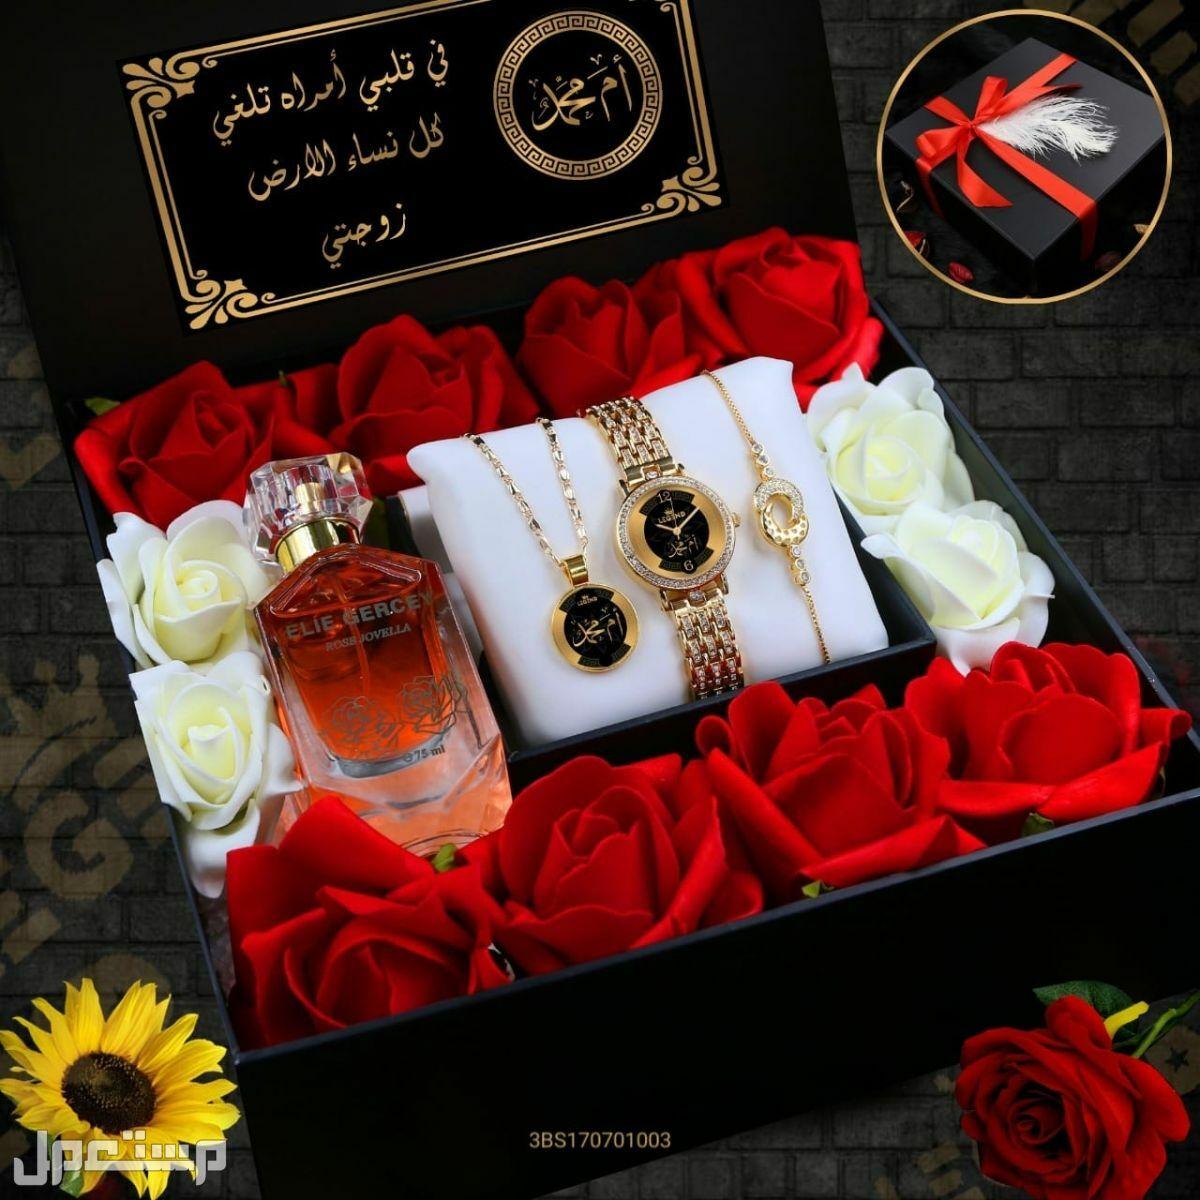 بكس اهداء نسائي فاخر باسم من تحب # يتوفر شحن